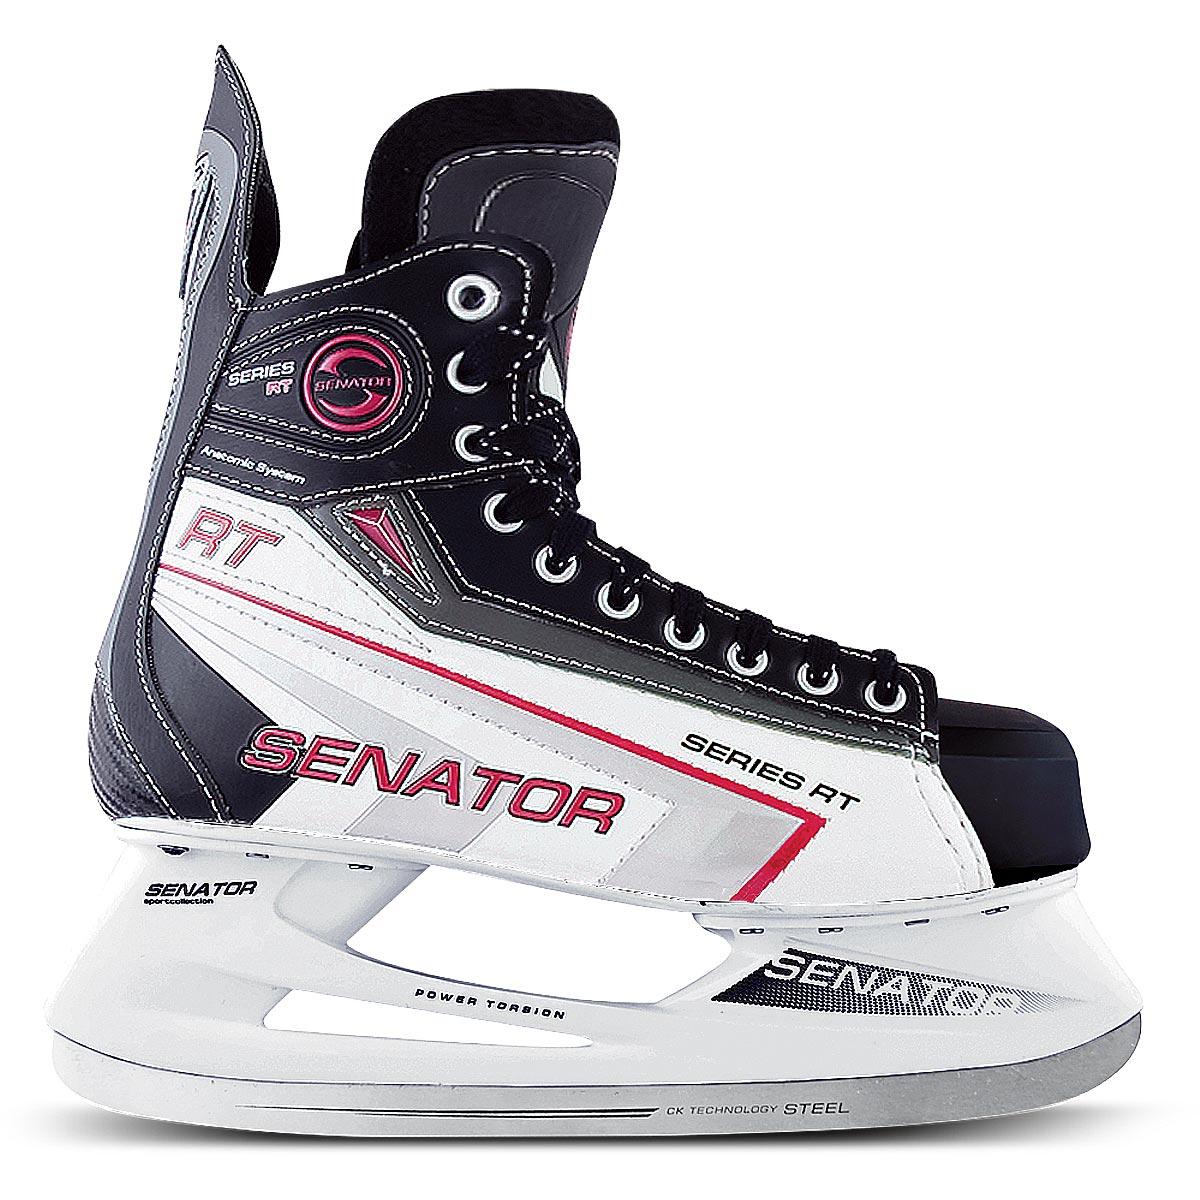 Коньки хоккейные мужские СК Senator RT, цвет: черный, белый. Размер 44